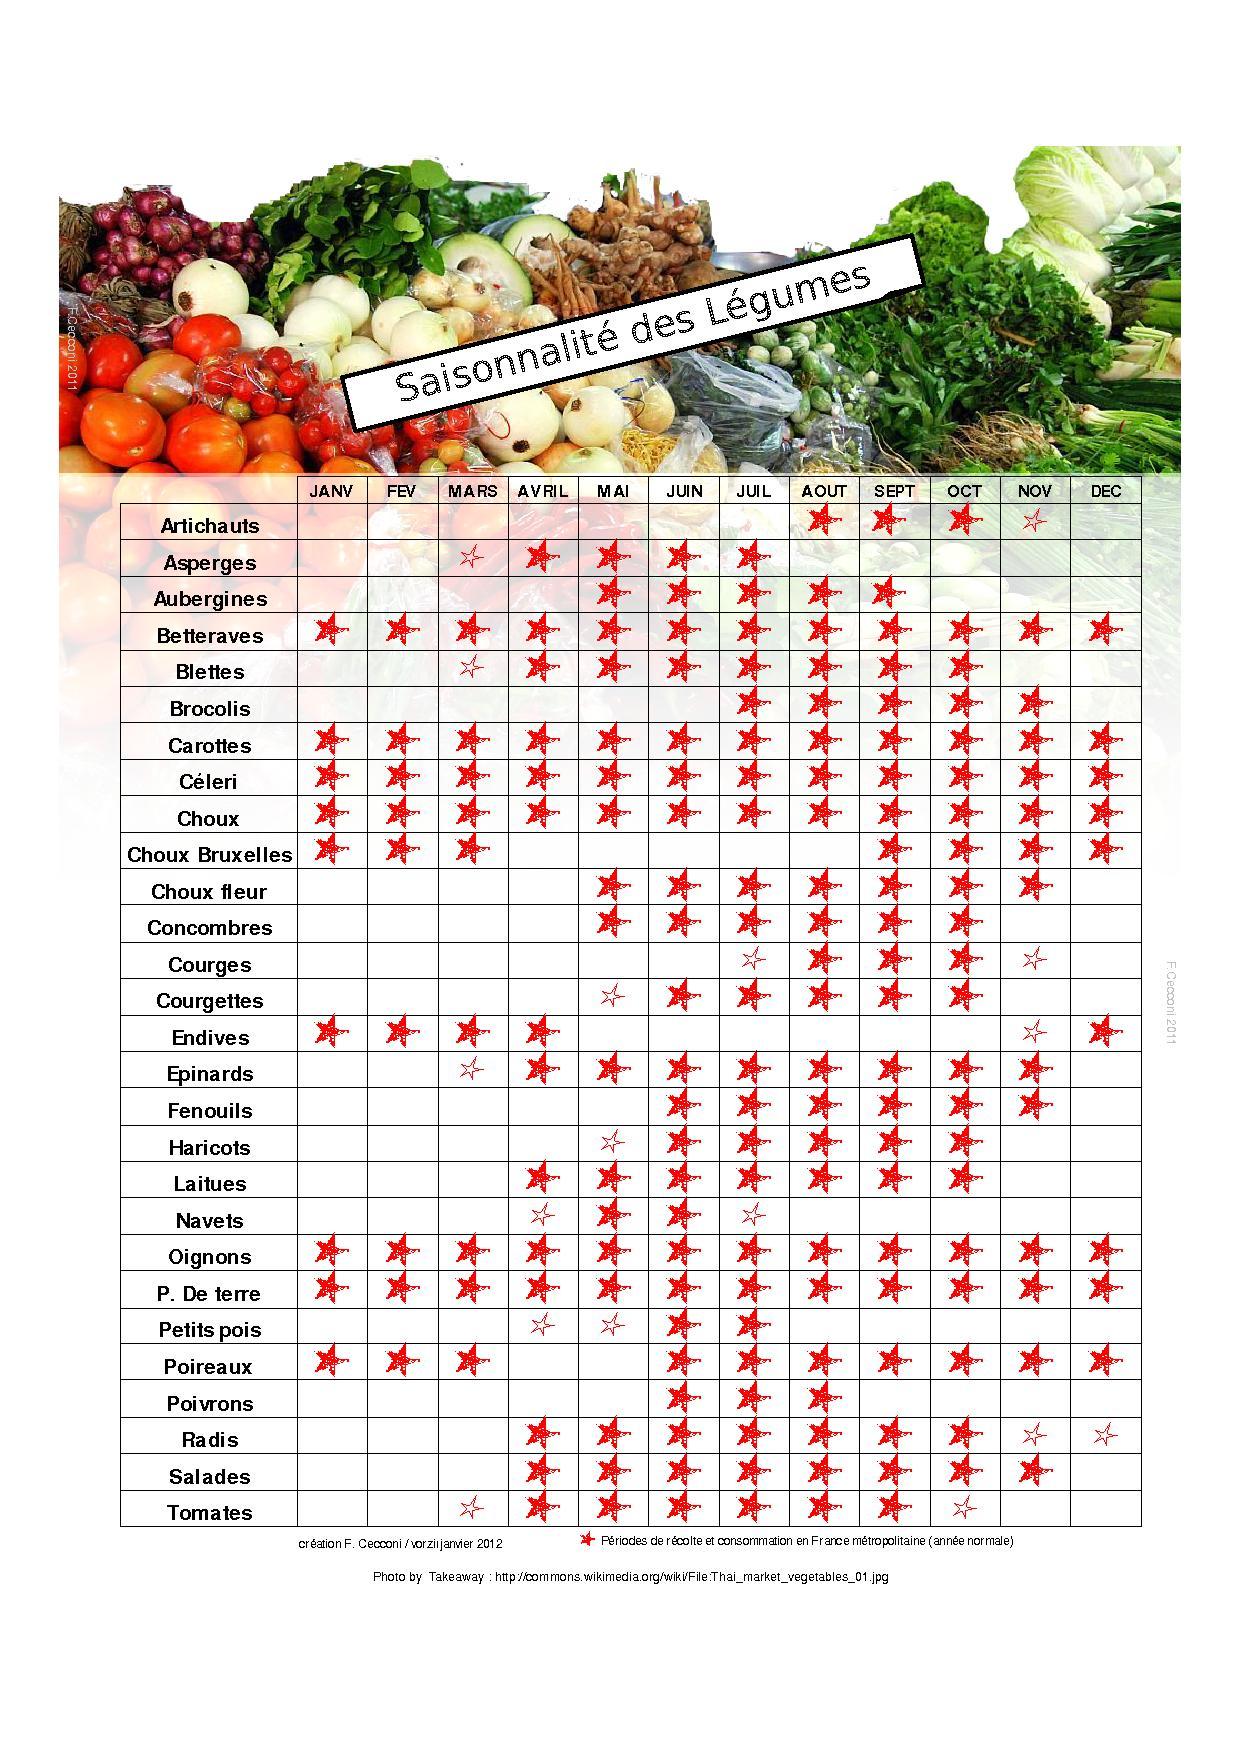 saisonnalité des légumes